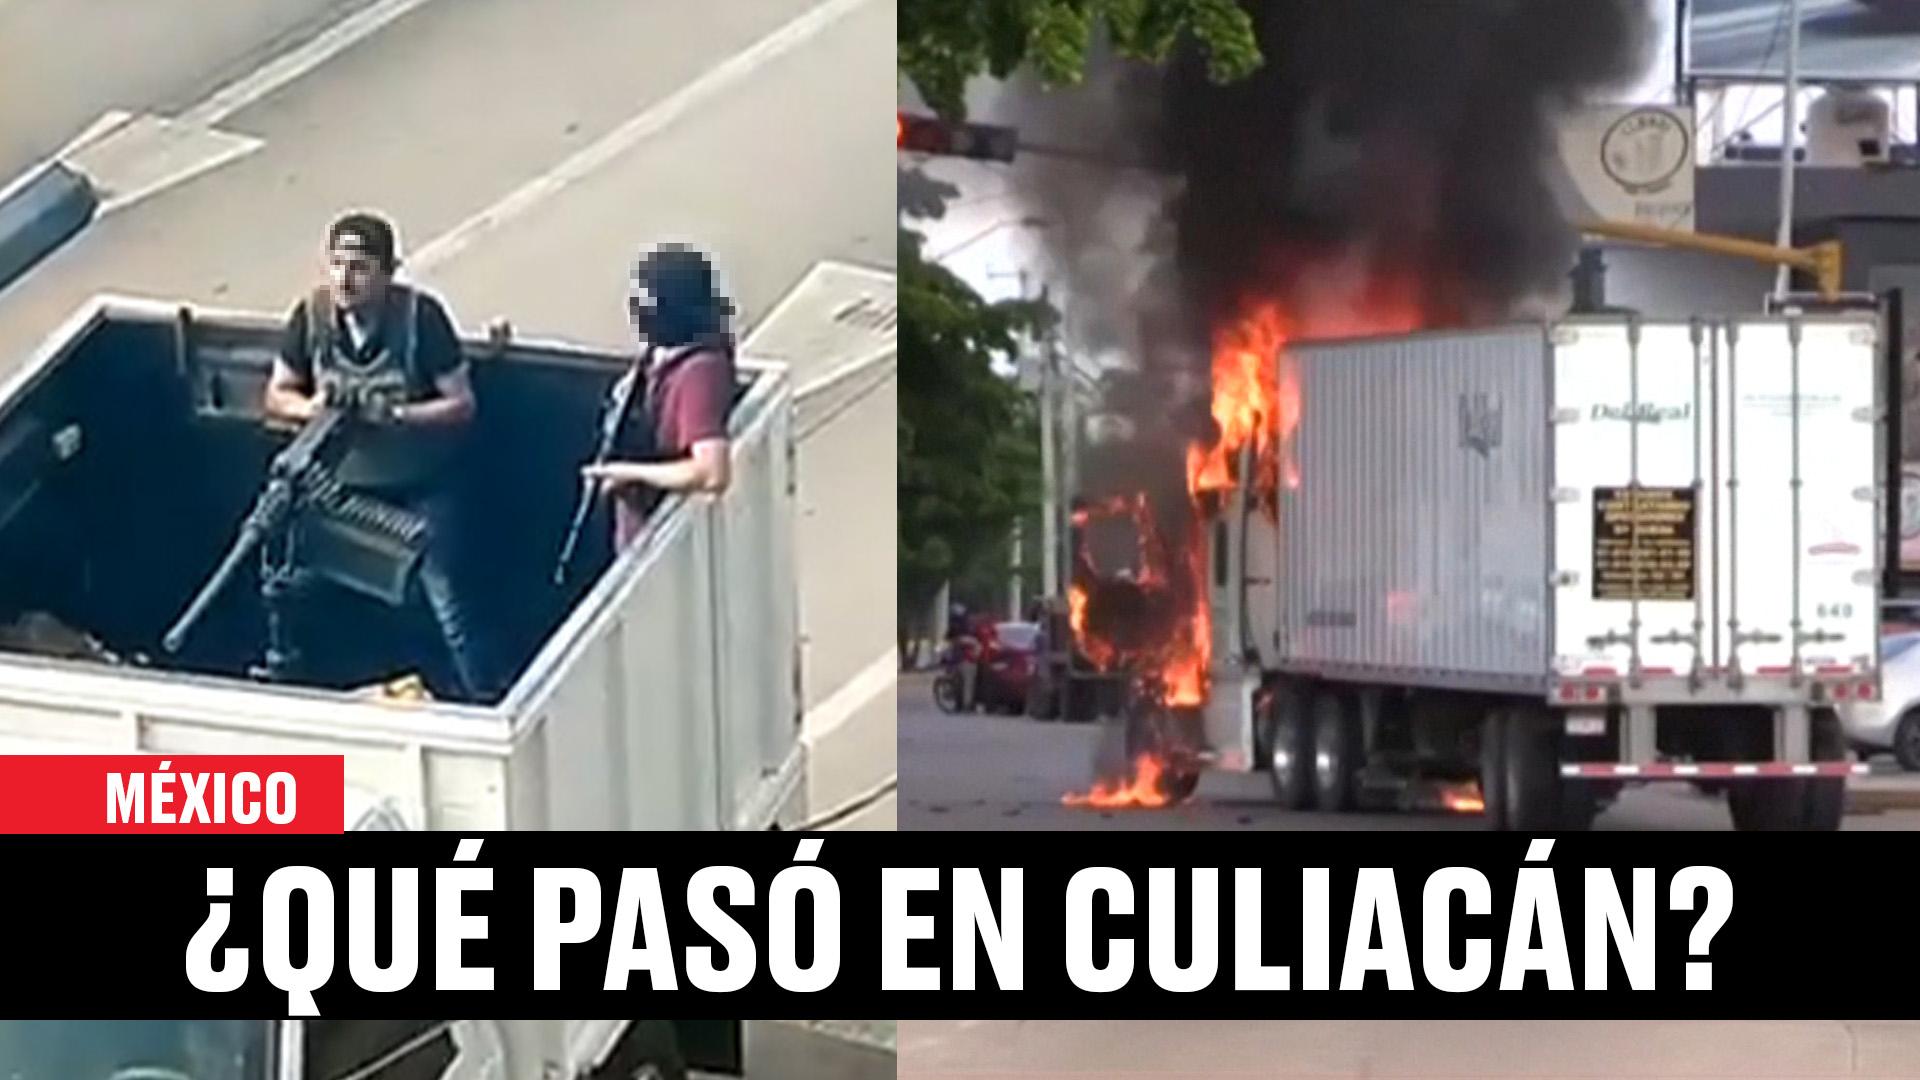 ultimas noticias de culiacan sinaloa mexico